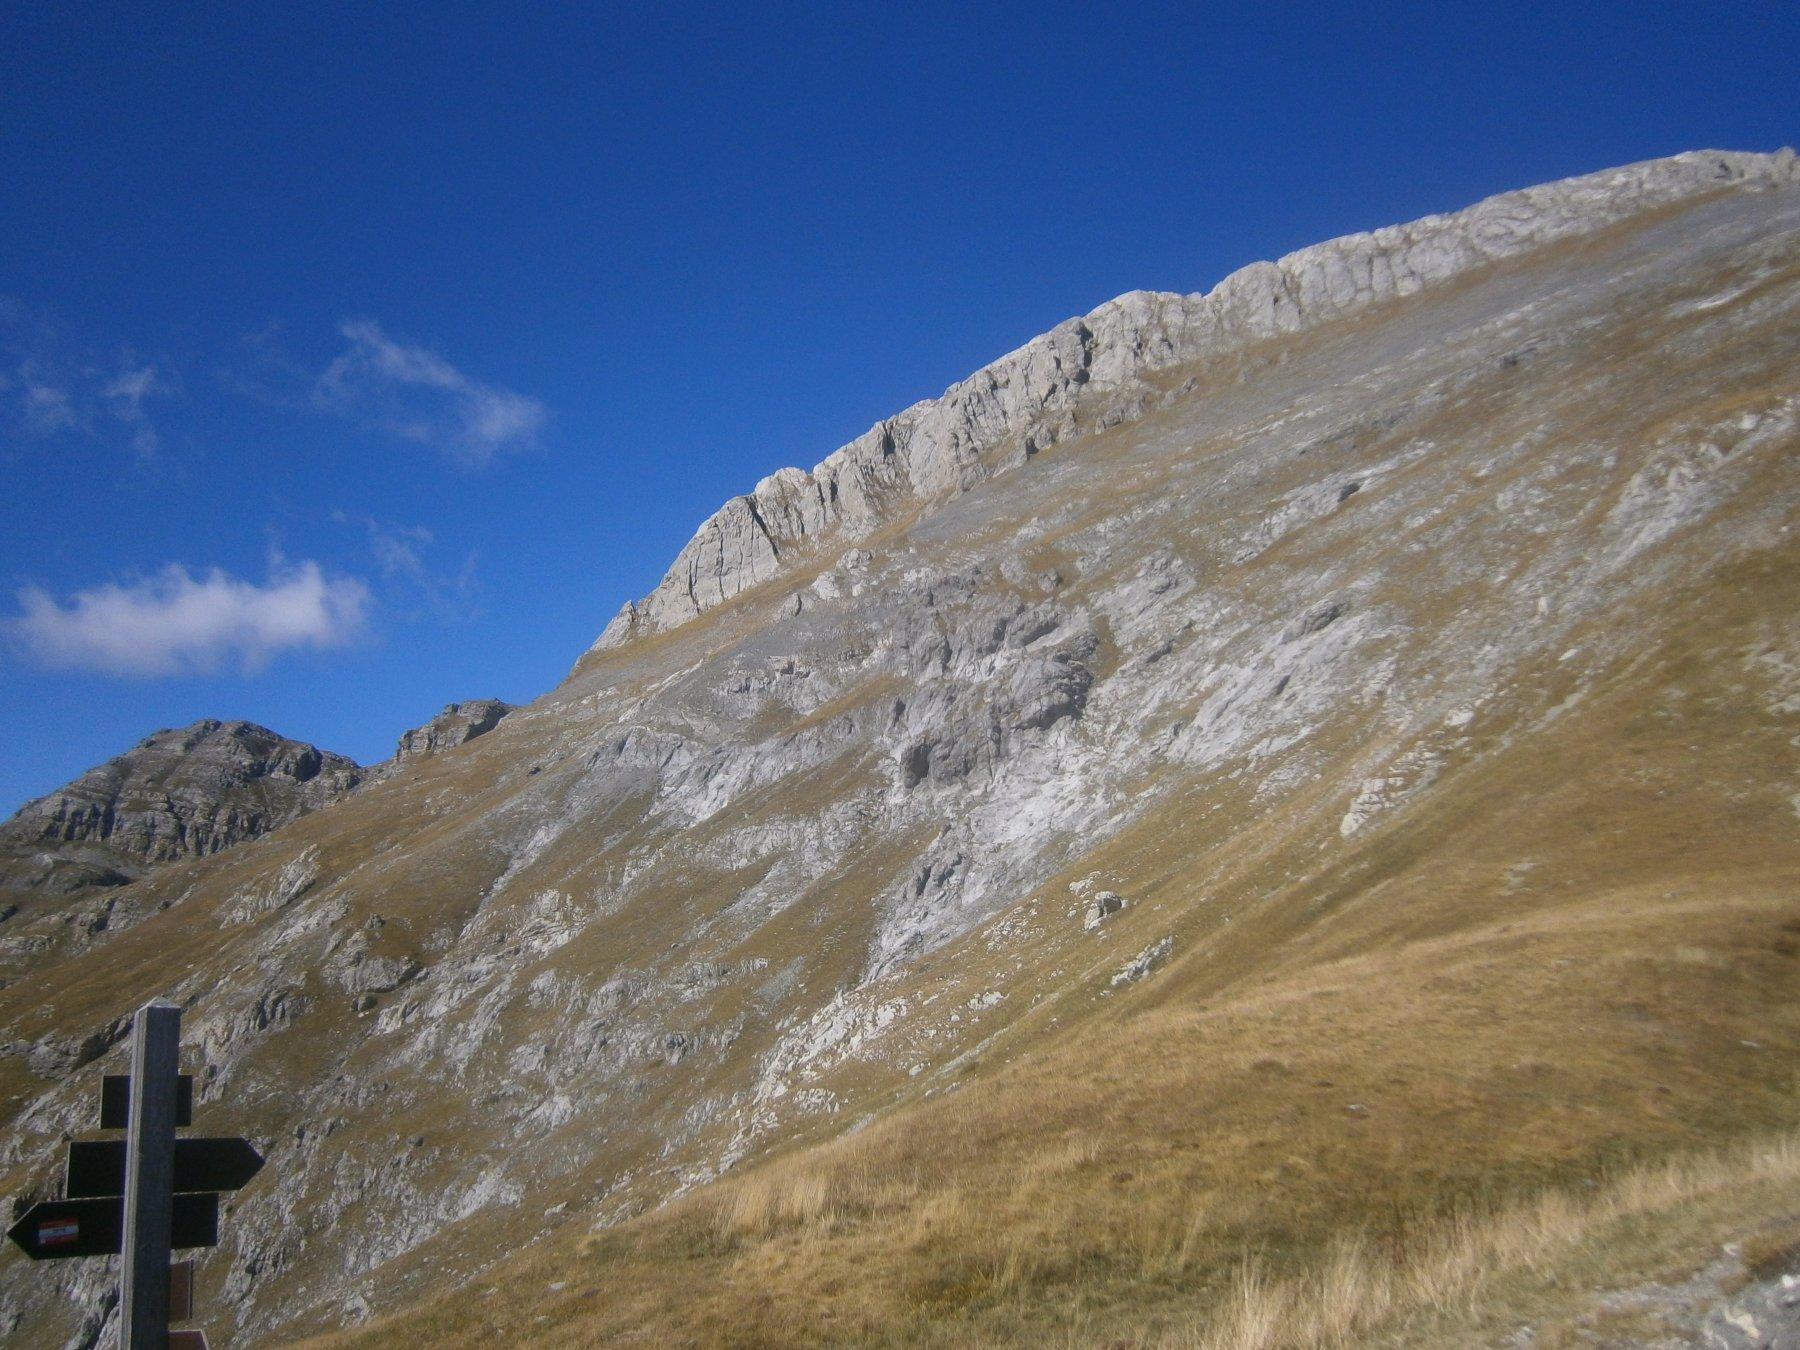 le 2 cime raggiunte viste dal passo delle Saline